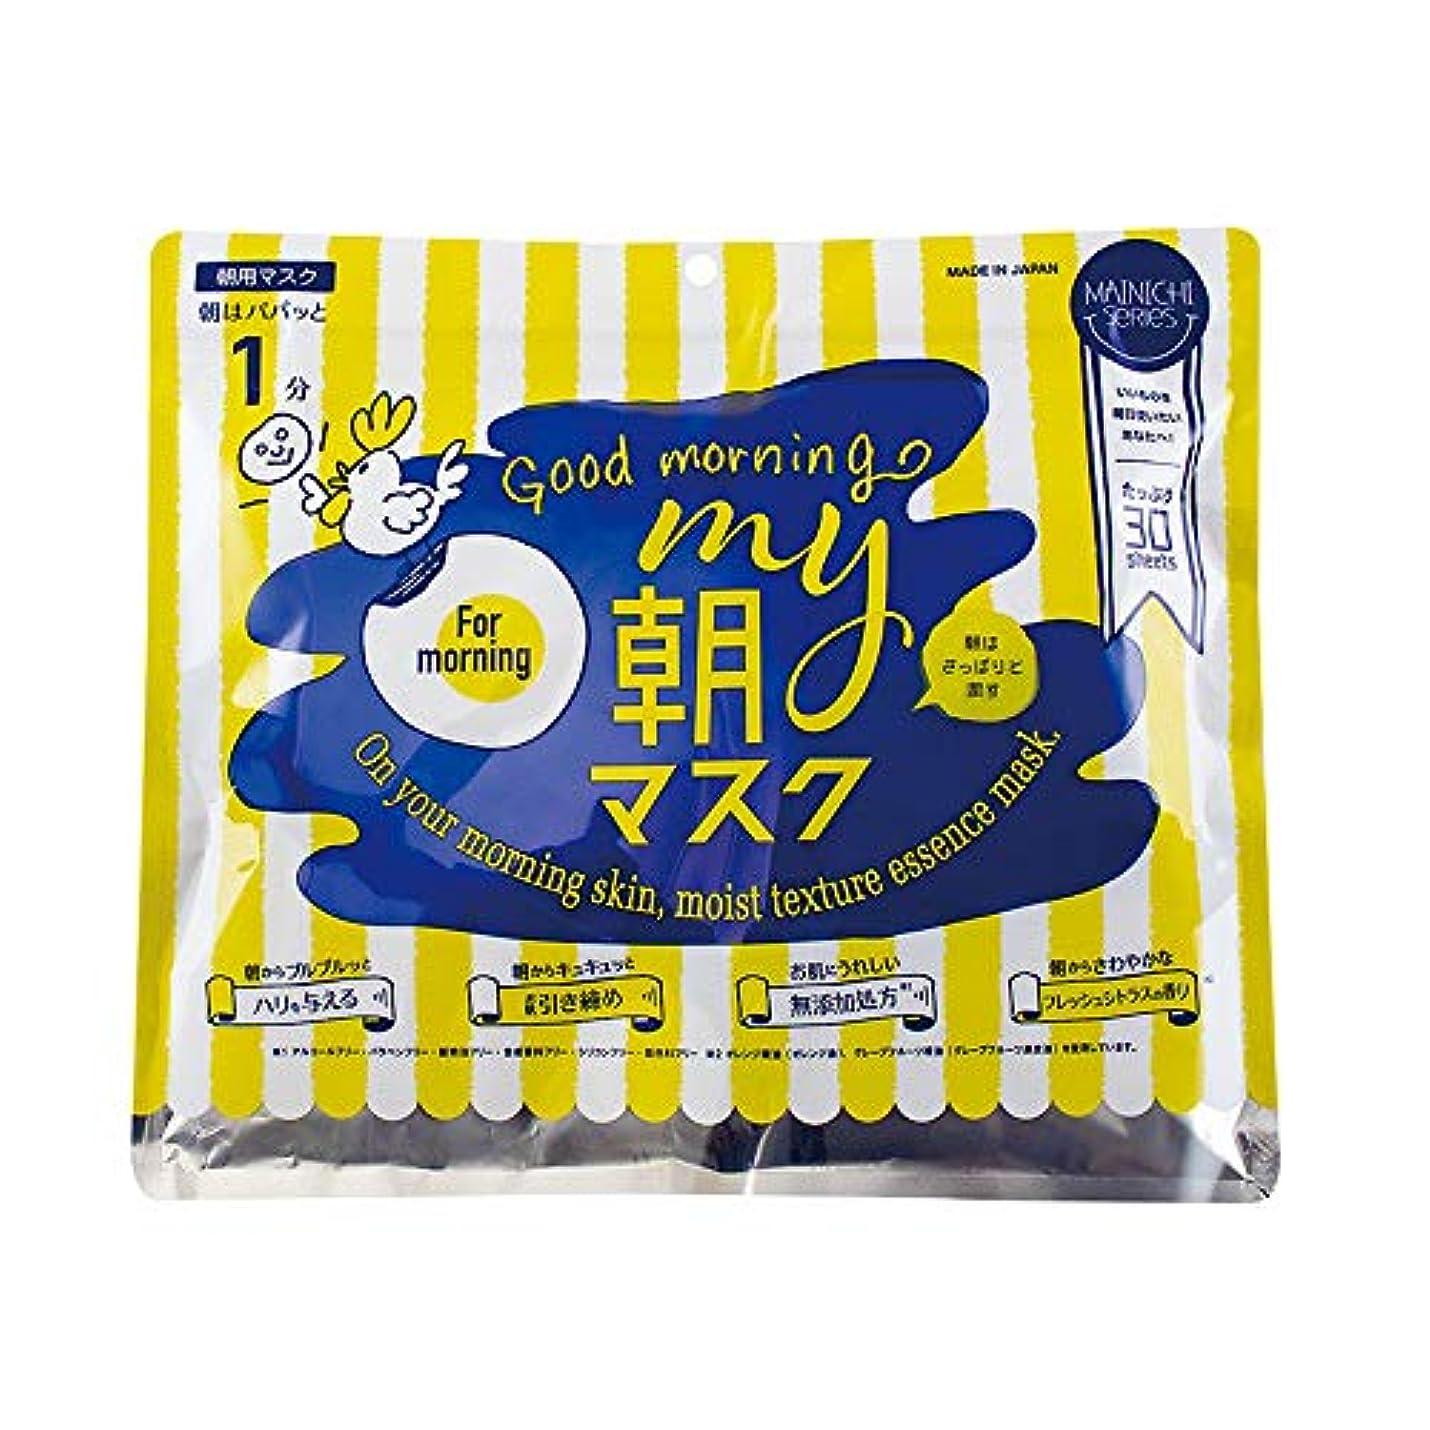 弓電気技師提唱するMAINICHI(マイニチ) MY朝マスク (30枚入)